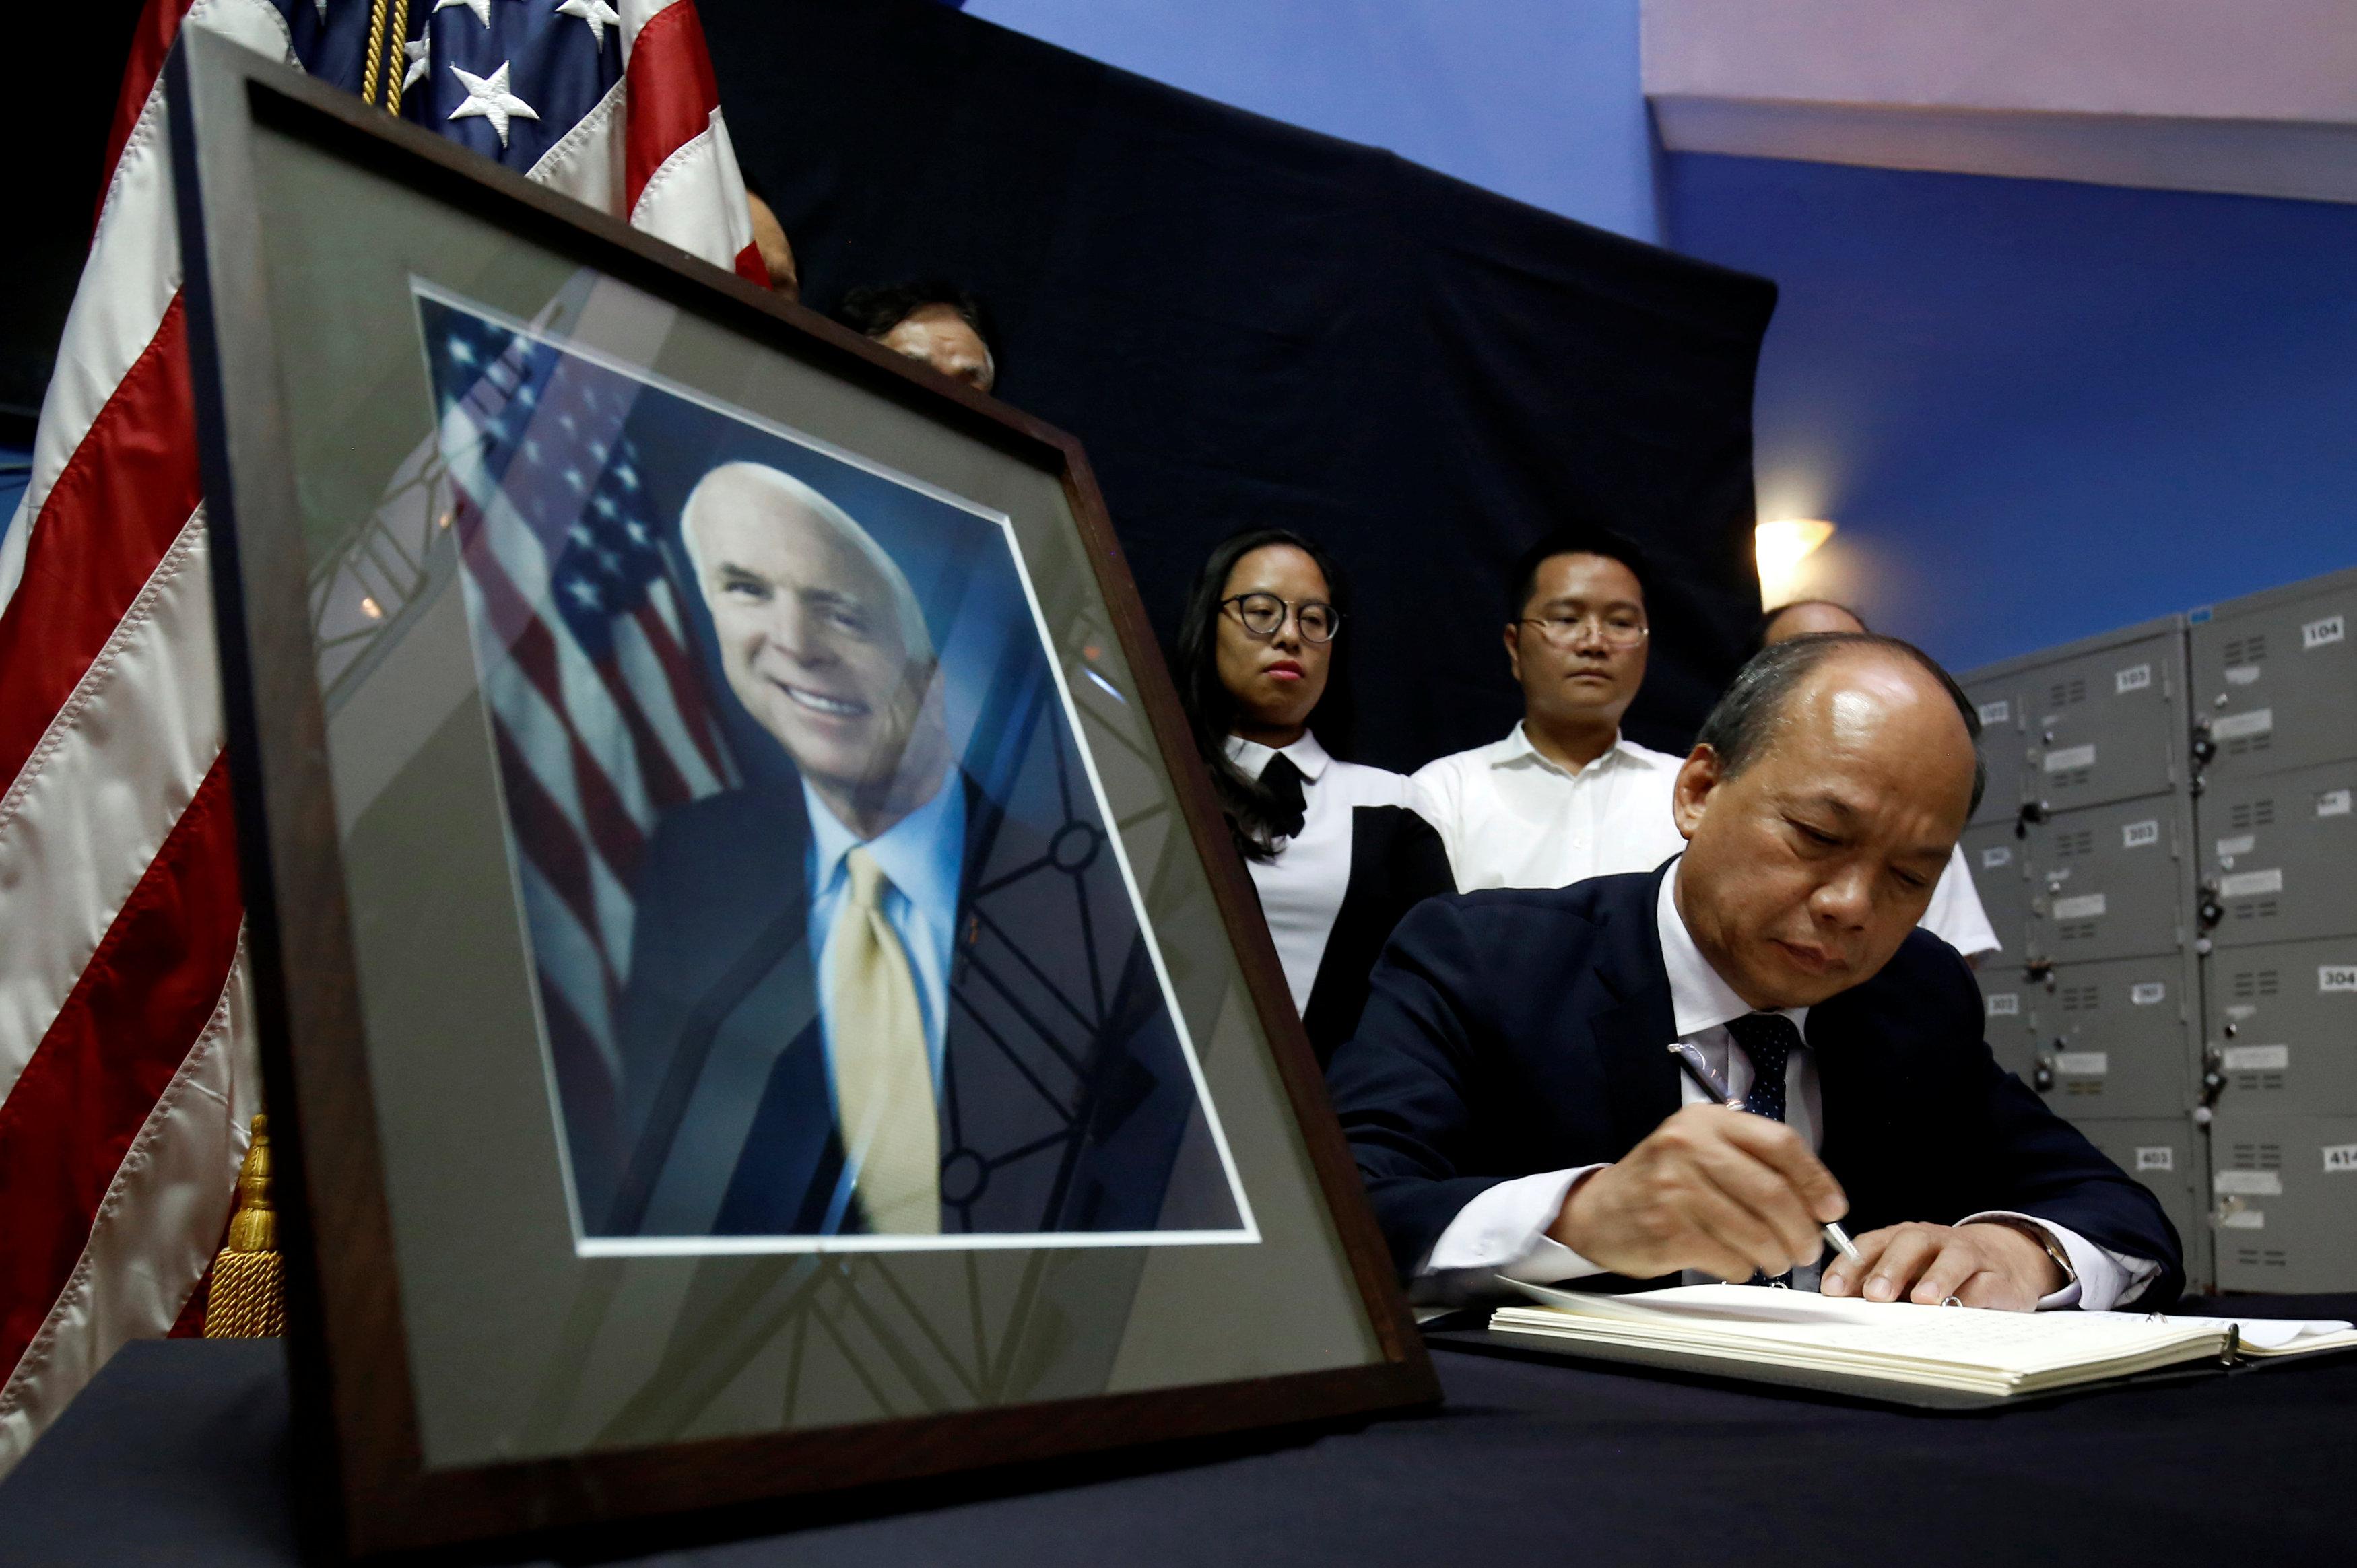 دفتر عزاء فى السفارة الأمريكية فى فيتنام